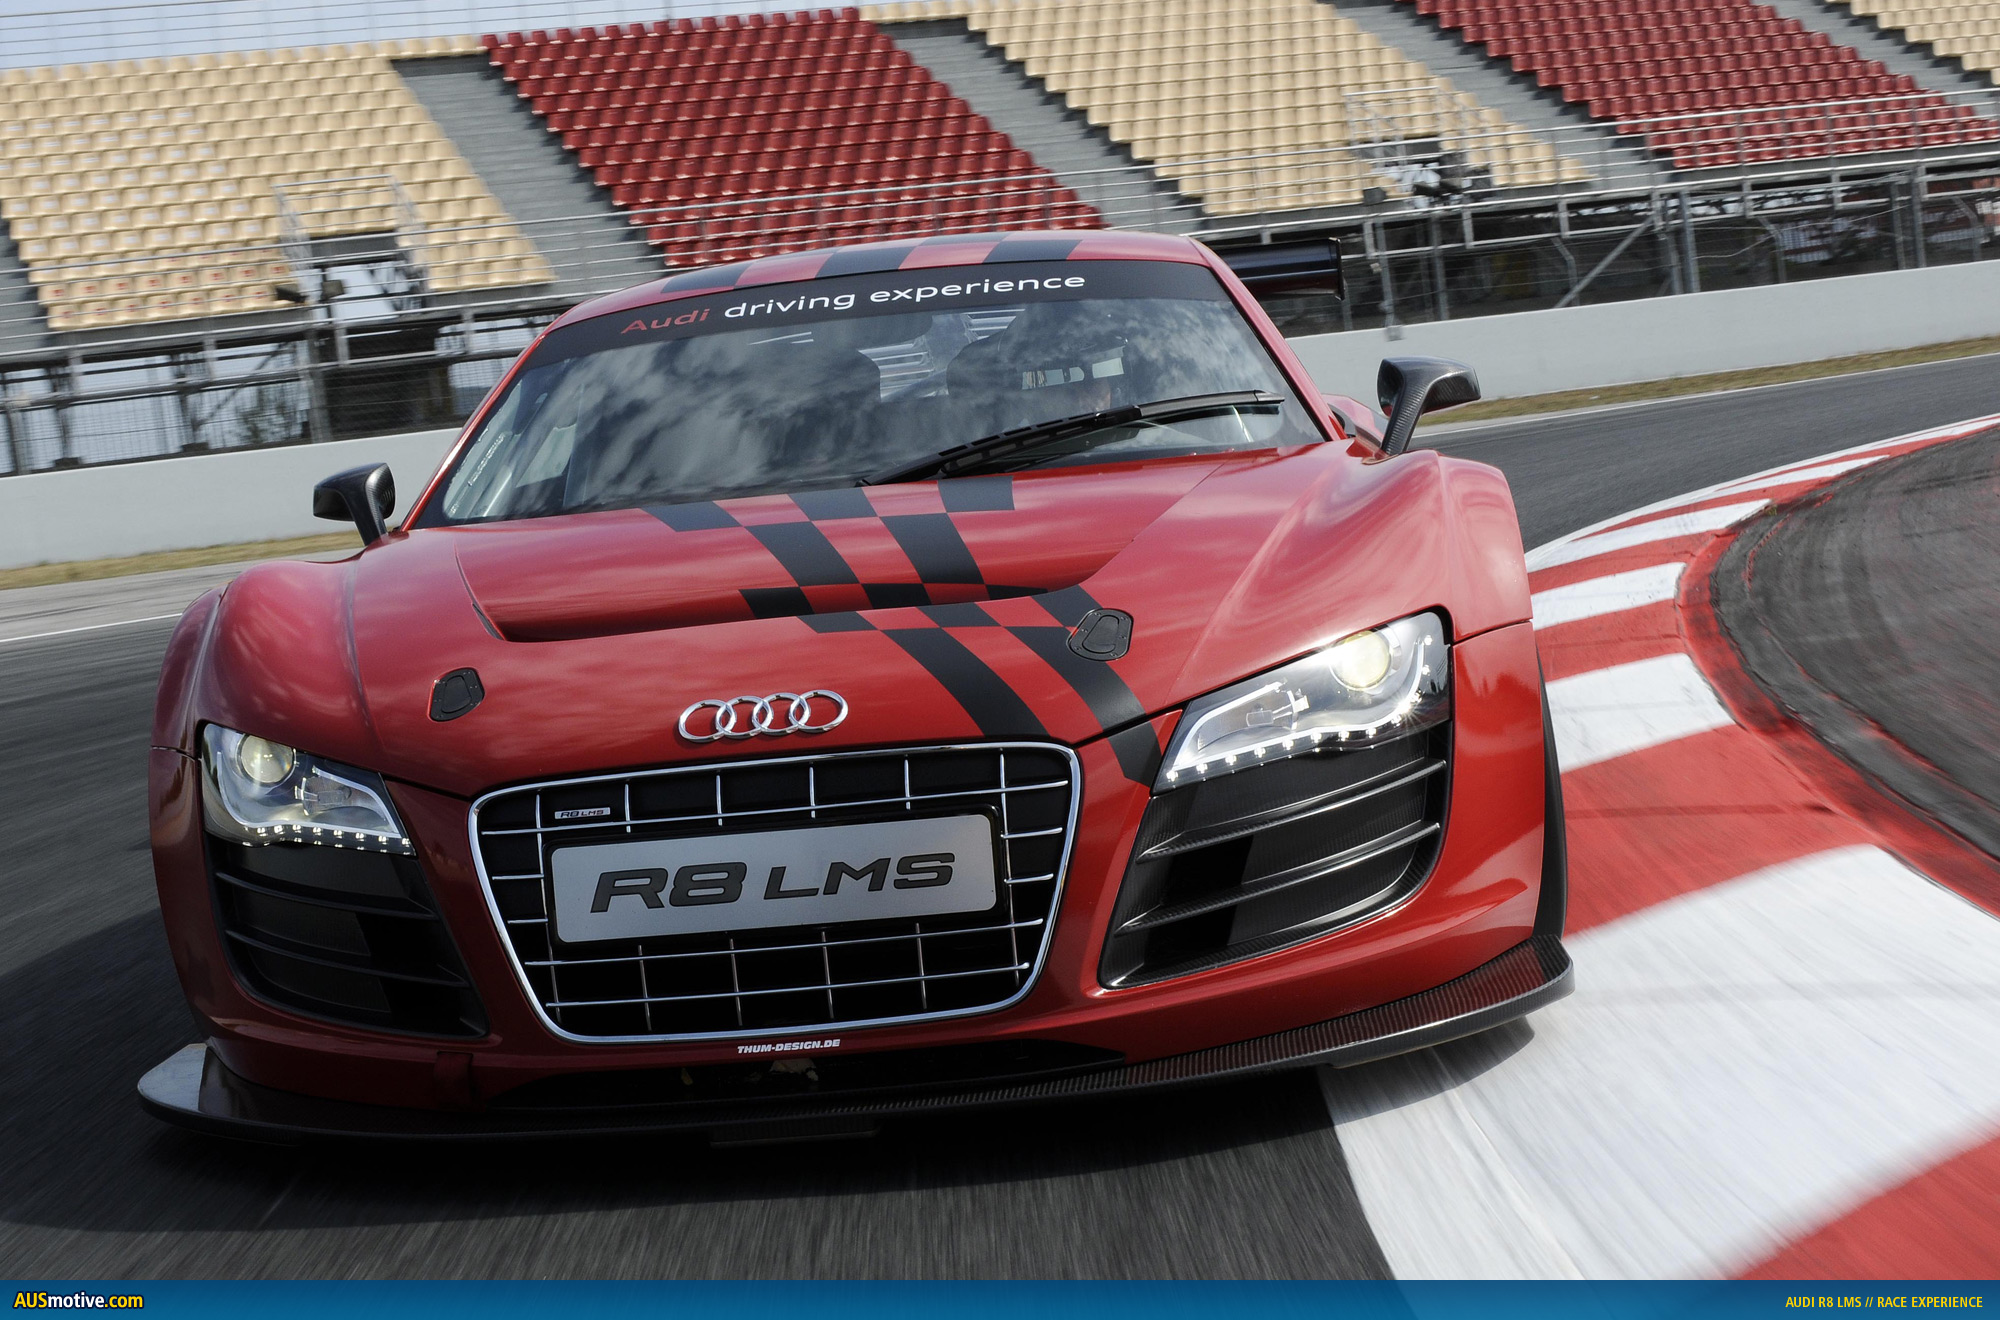 Ausmotivecom » Audi Launches R8 Lms Race Experience